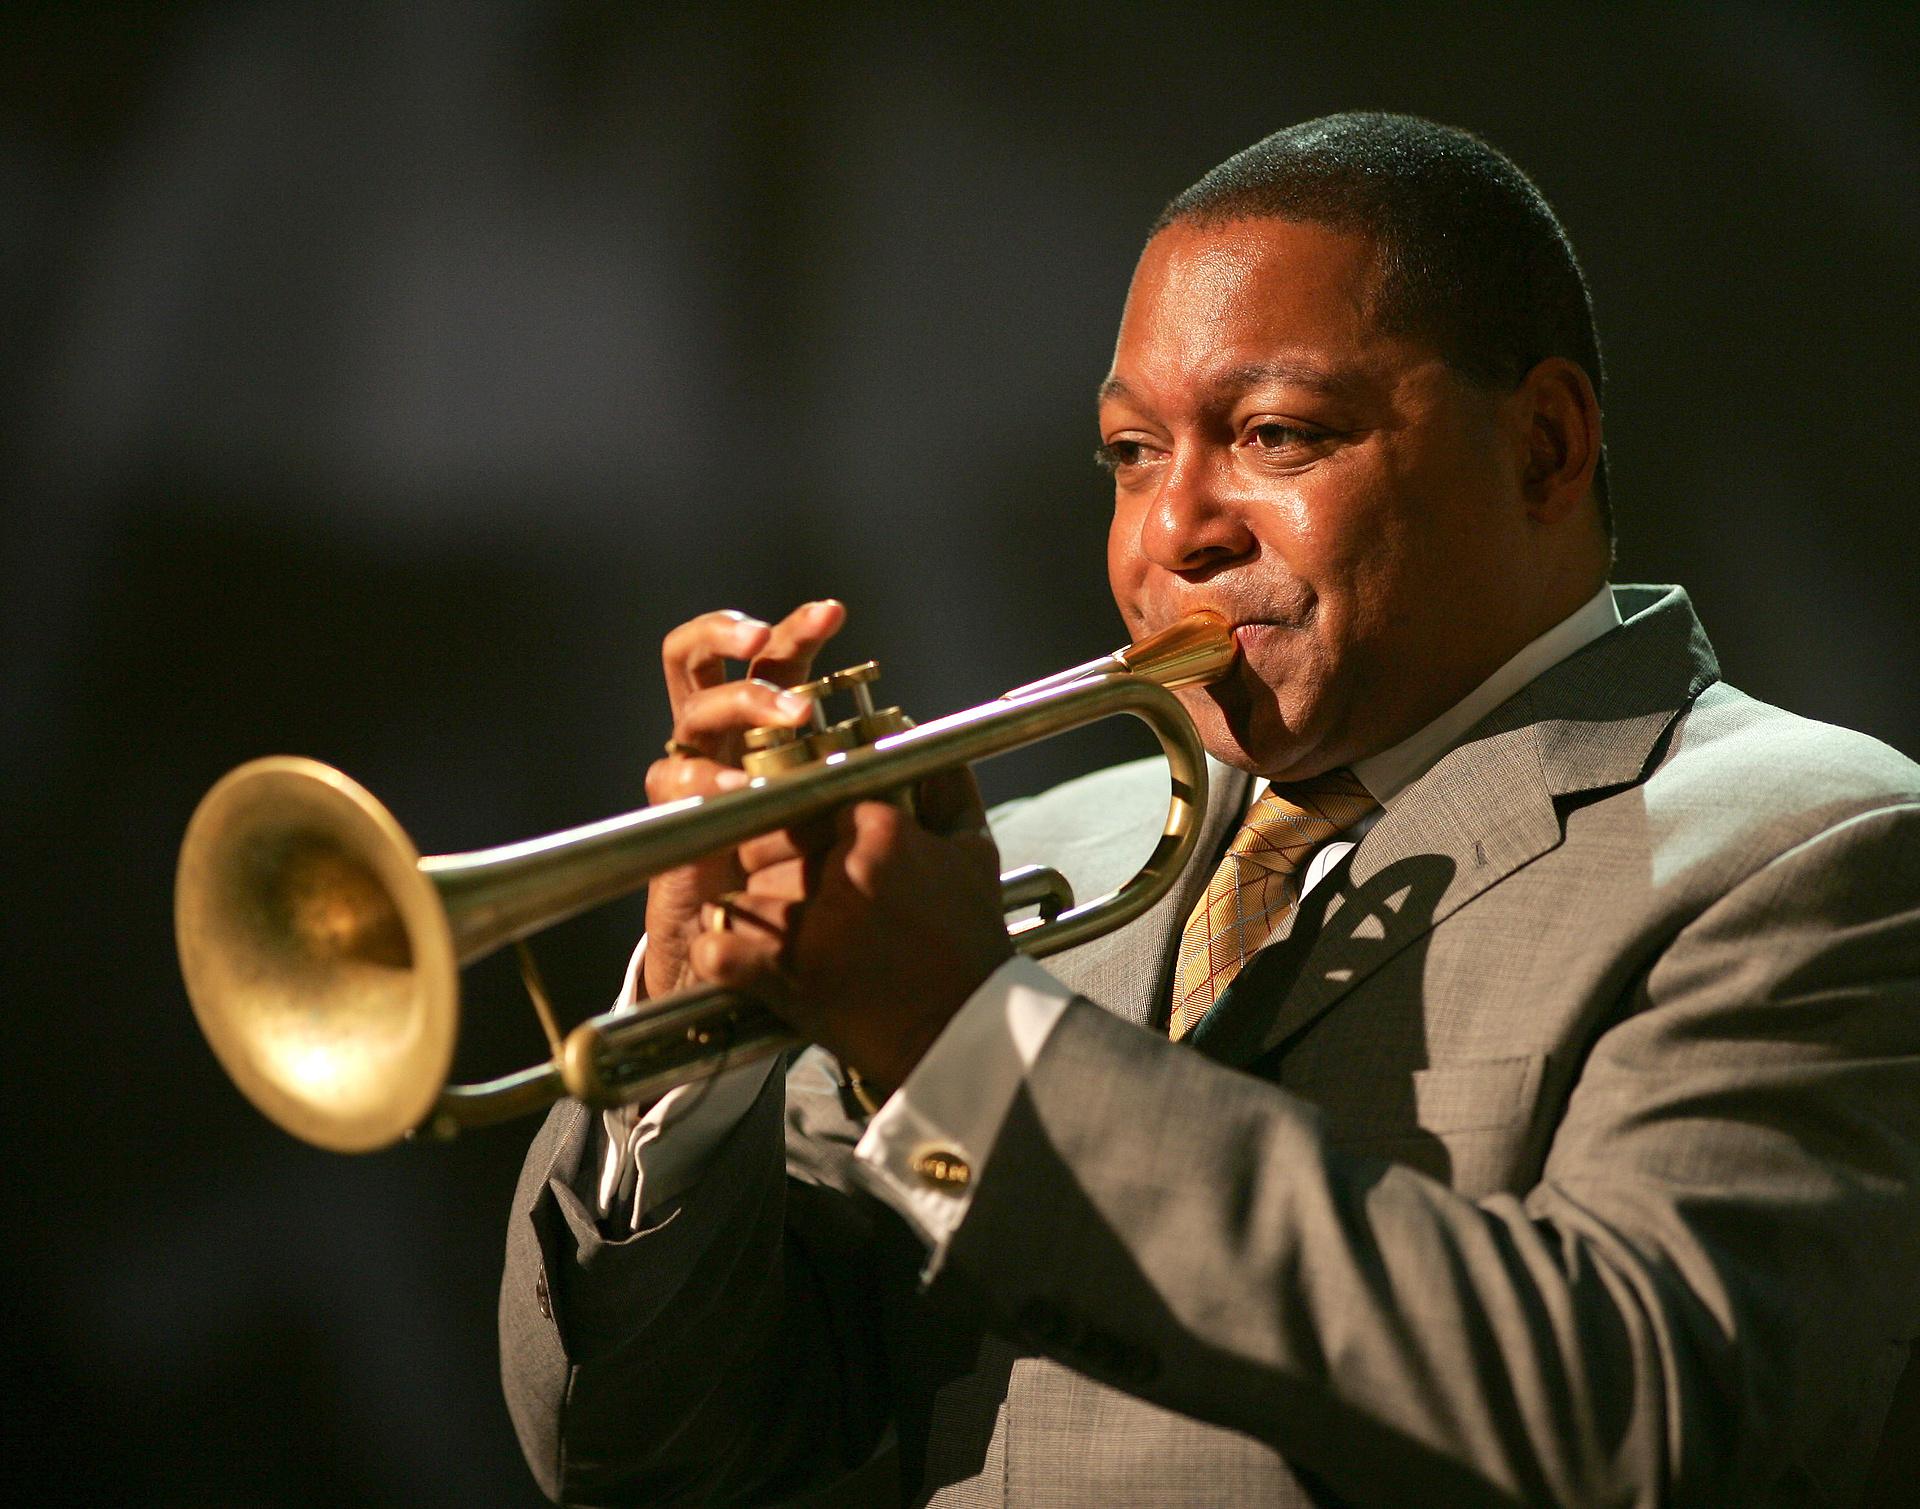 Hogyan gyakoroljunk? – A világ egyik legjobb trombitásának tanácsai